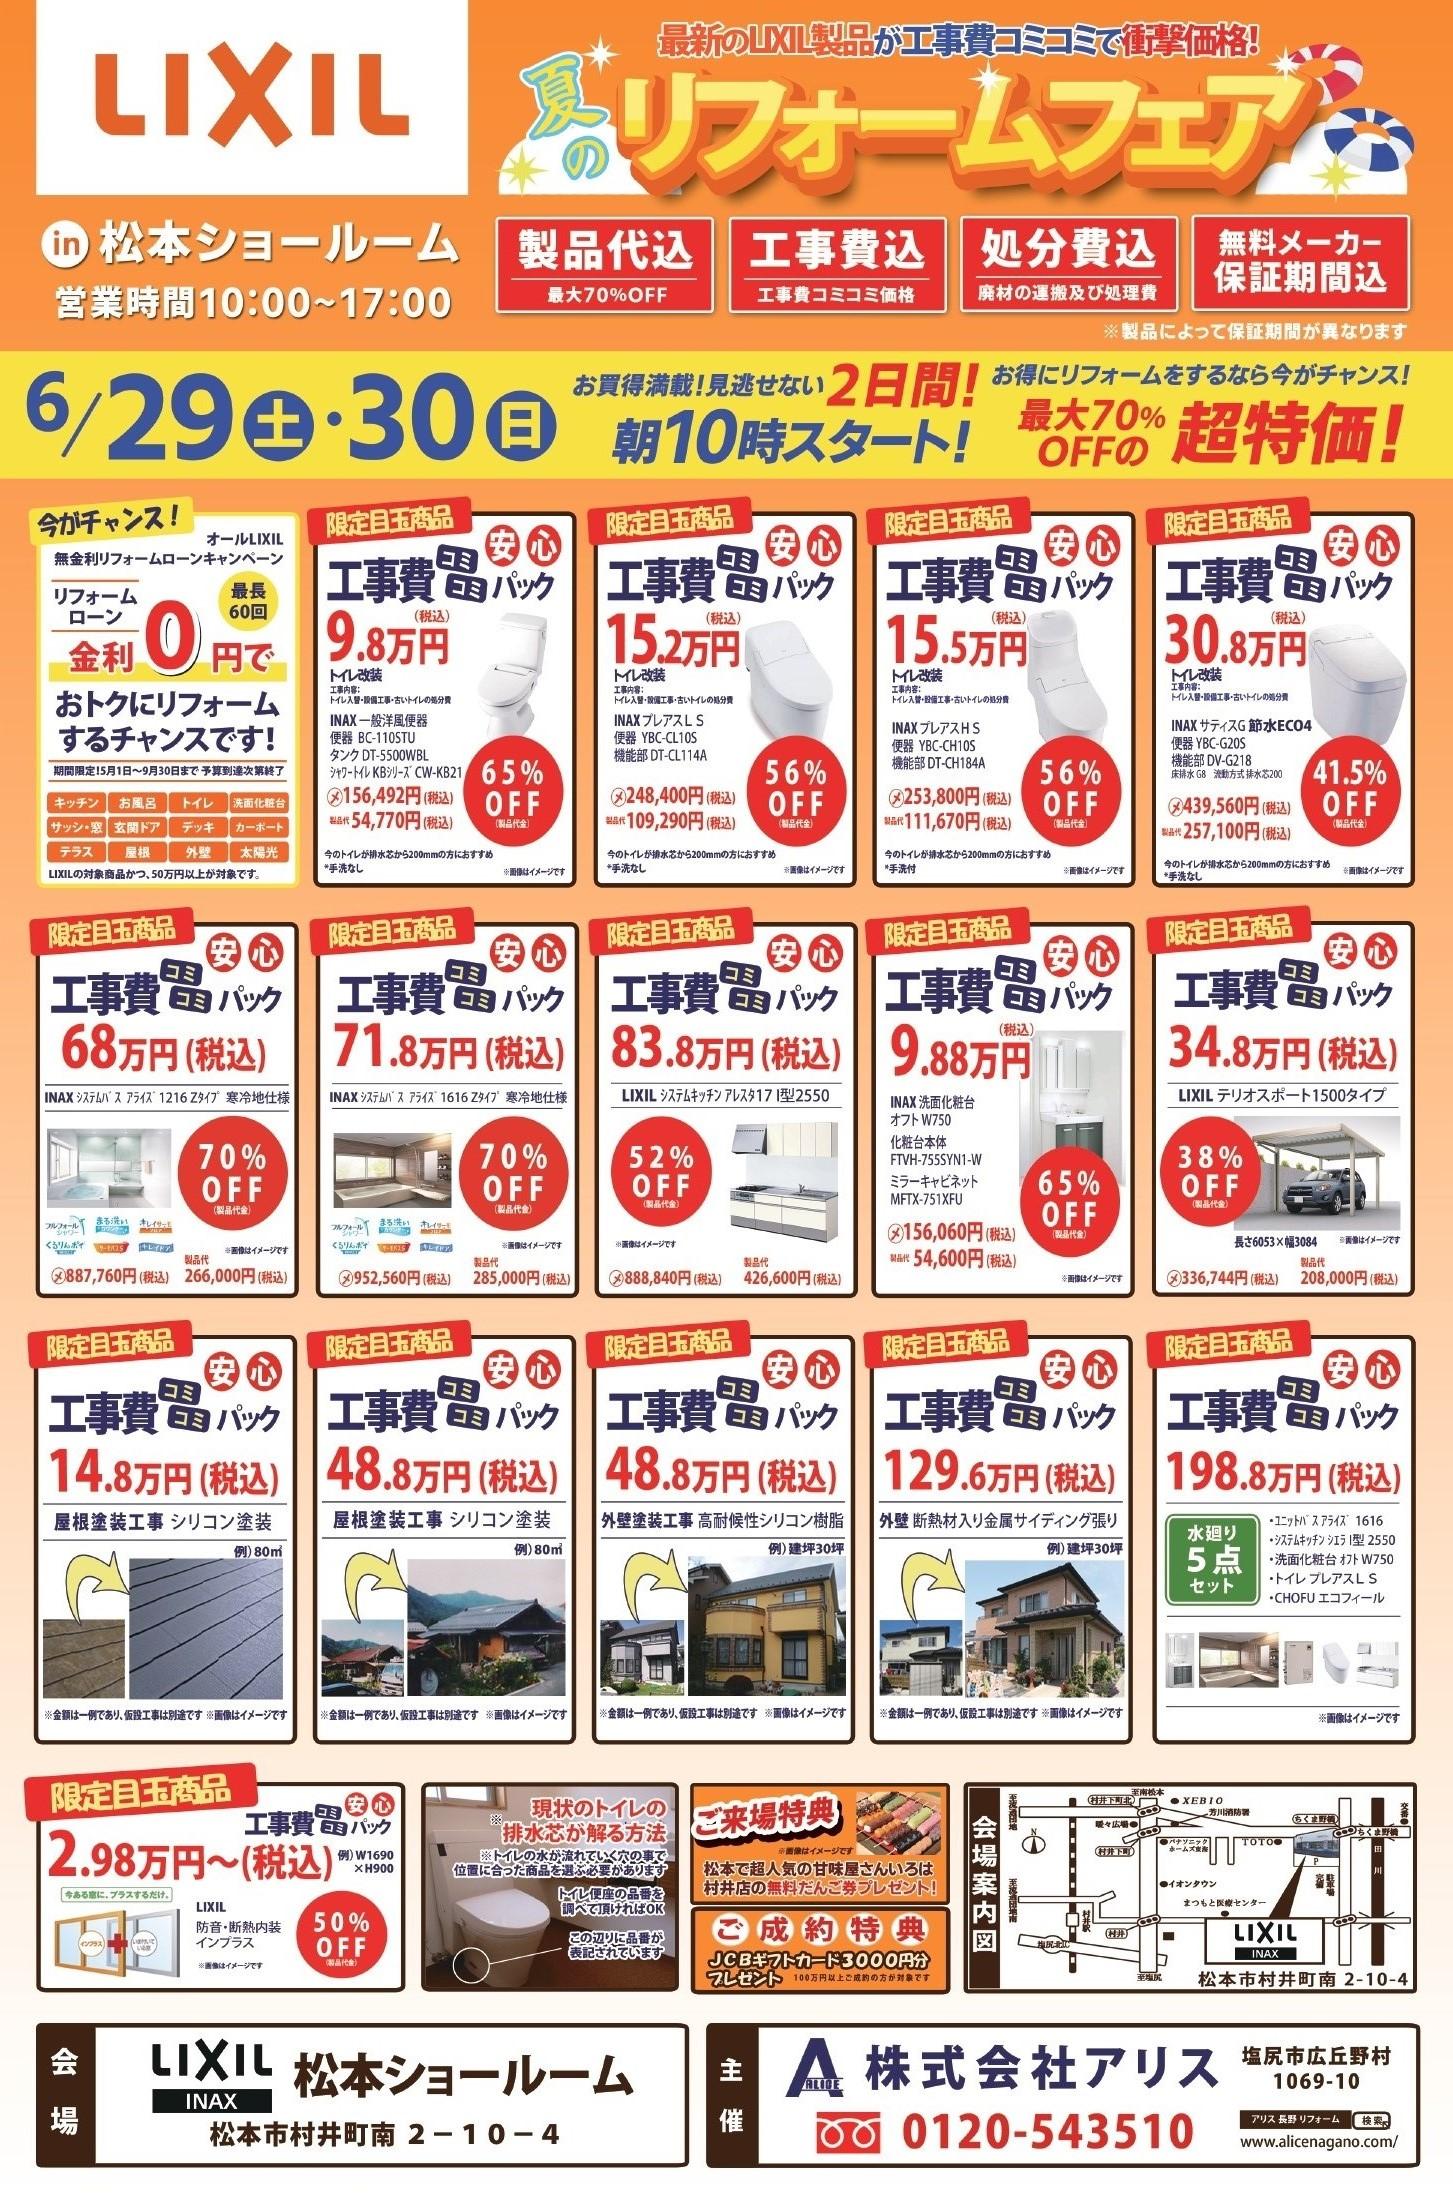 LIXIL 松本ショールームリフォームフェアの広告